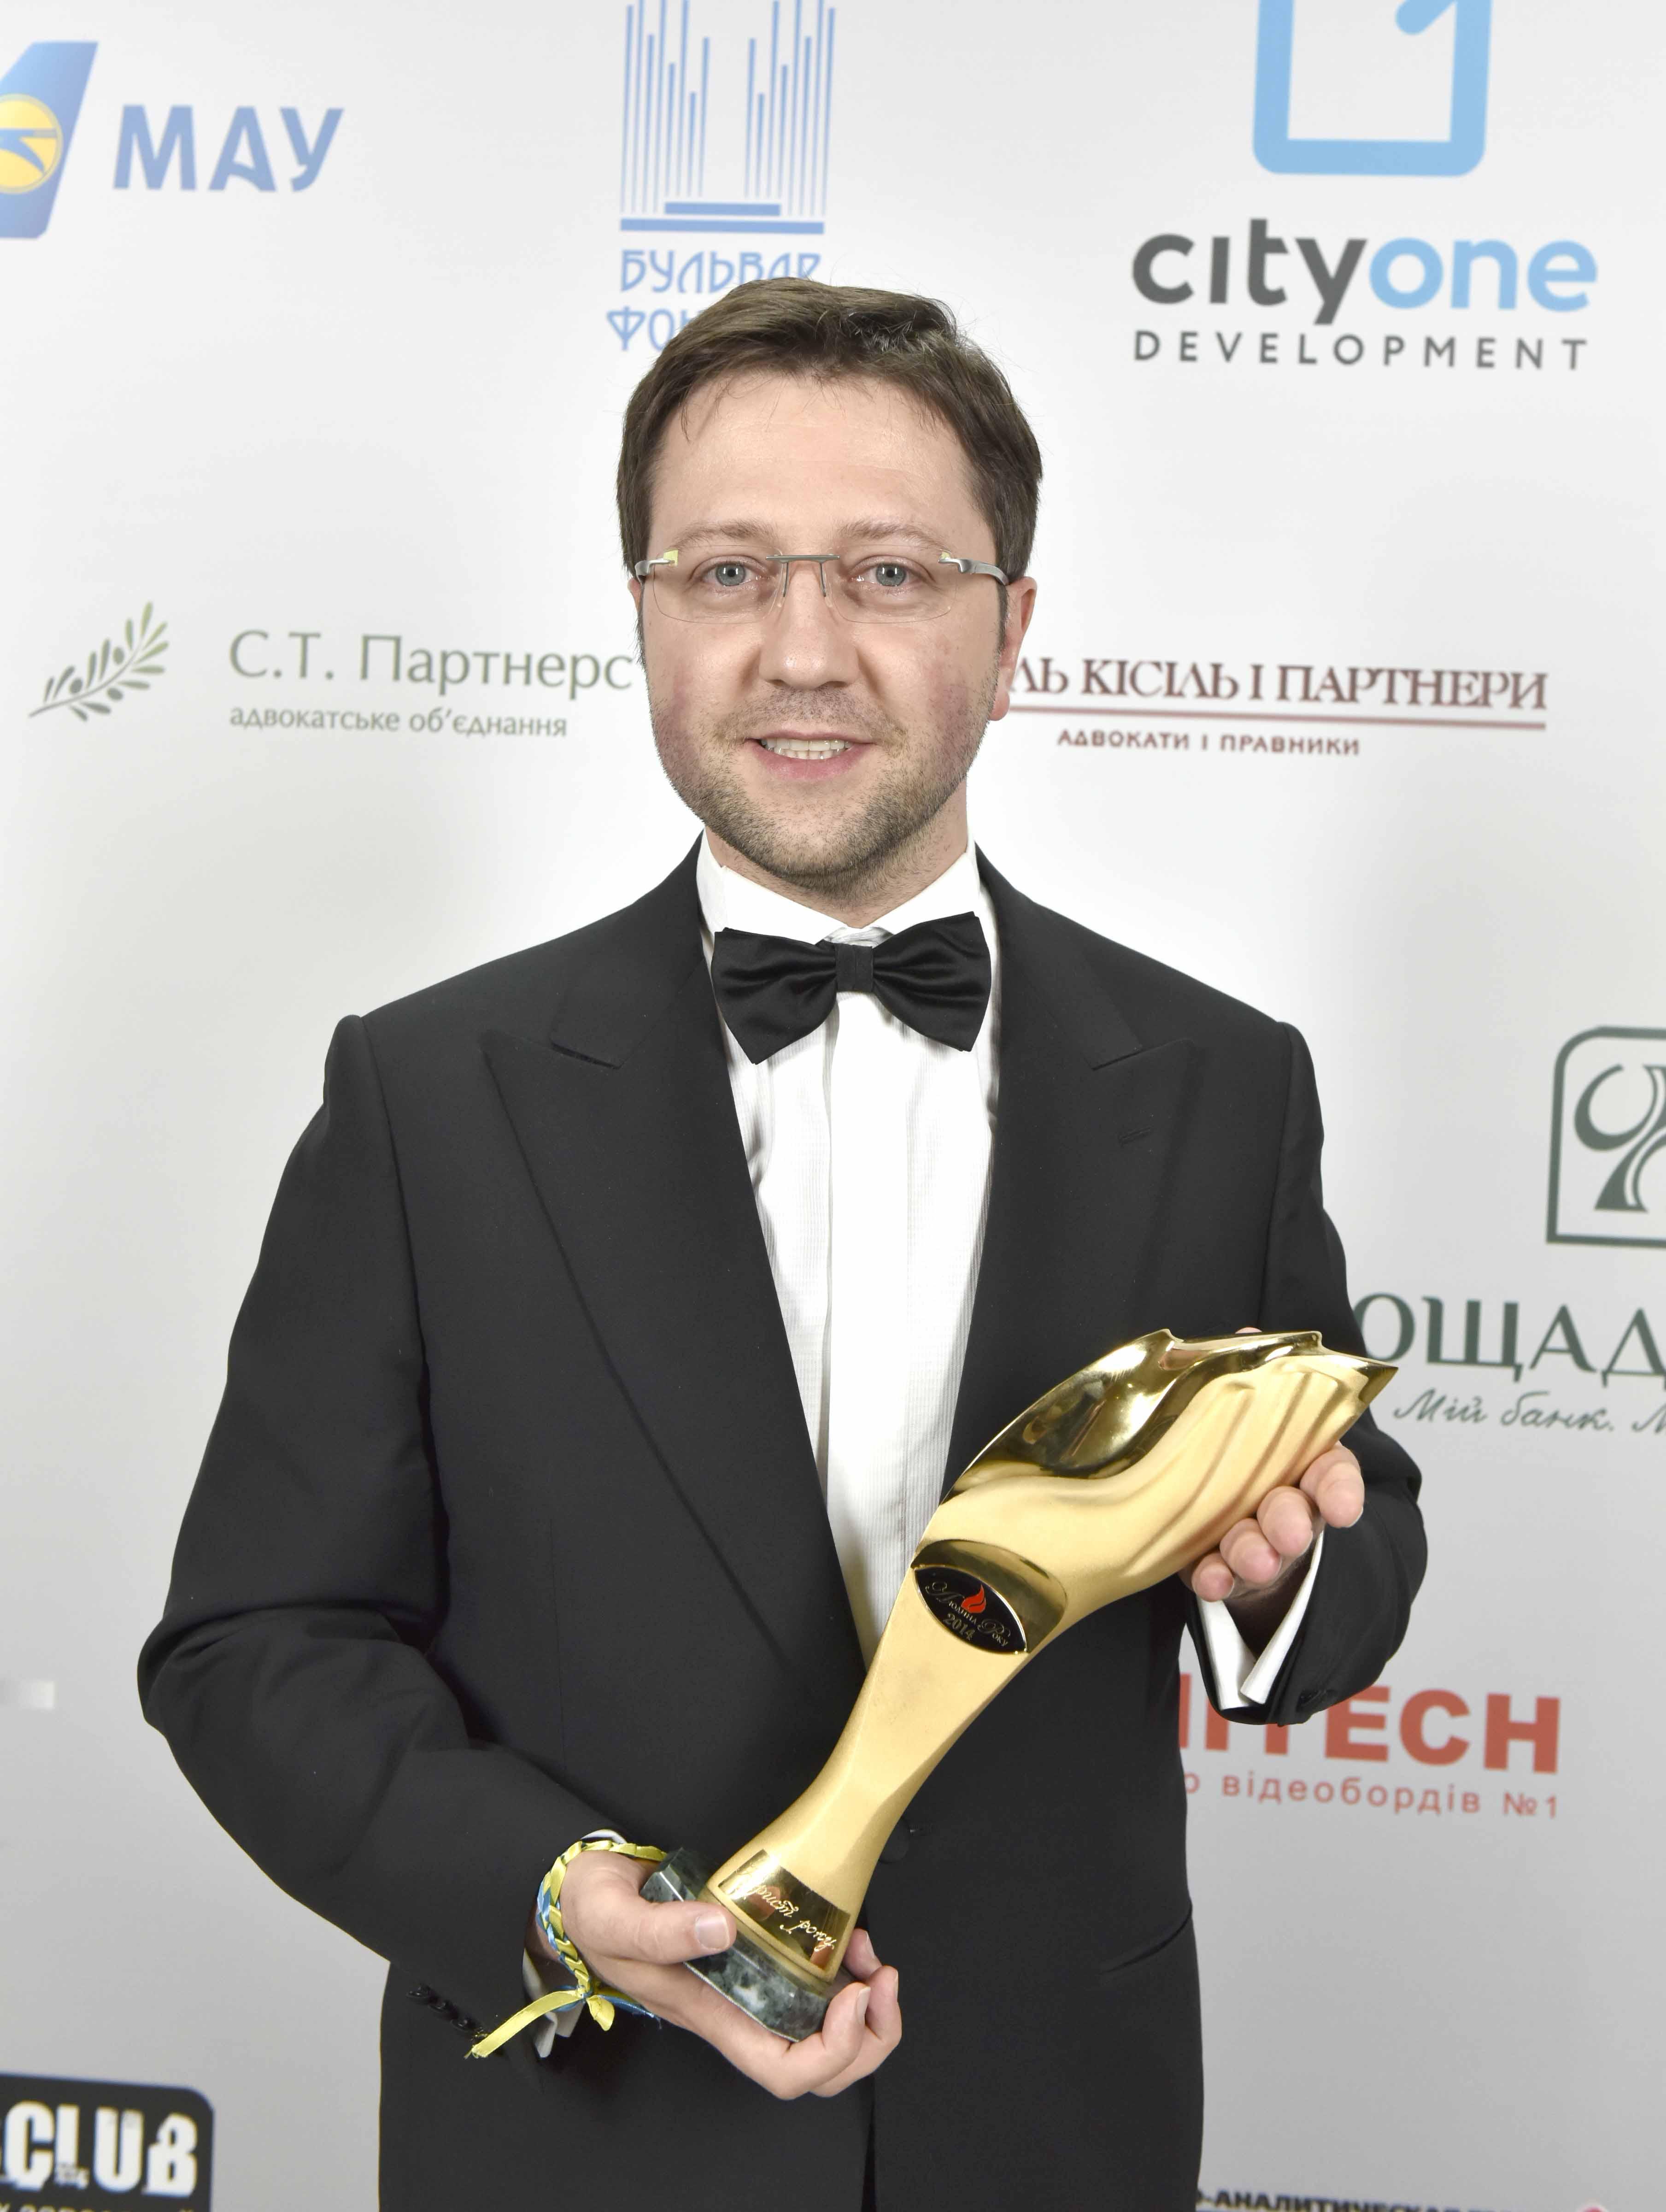 Андрей максимов: люди живут в том мире, который создает журналист - kazanfirst